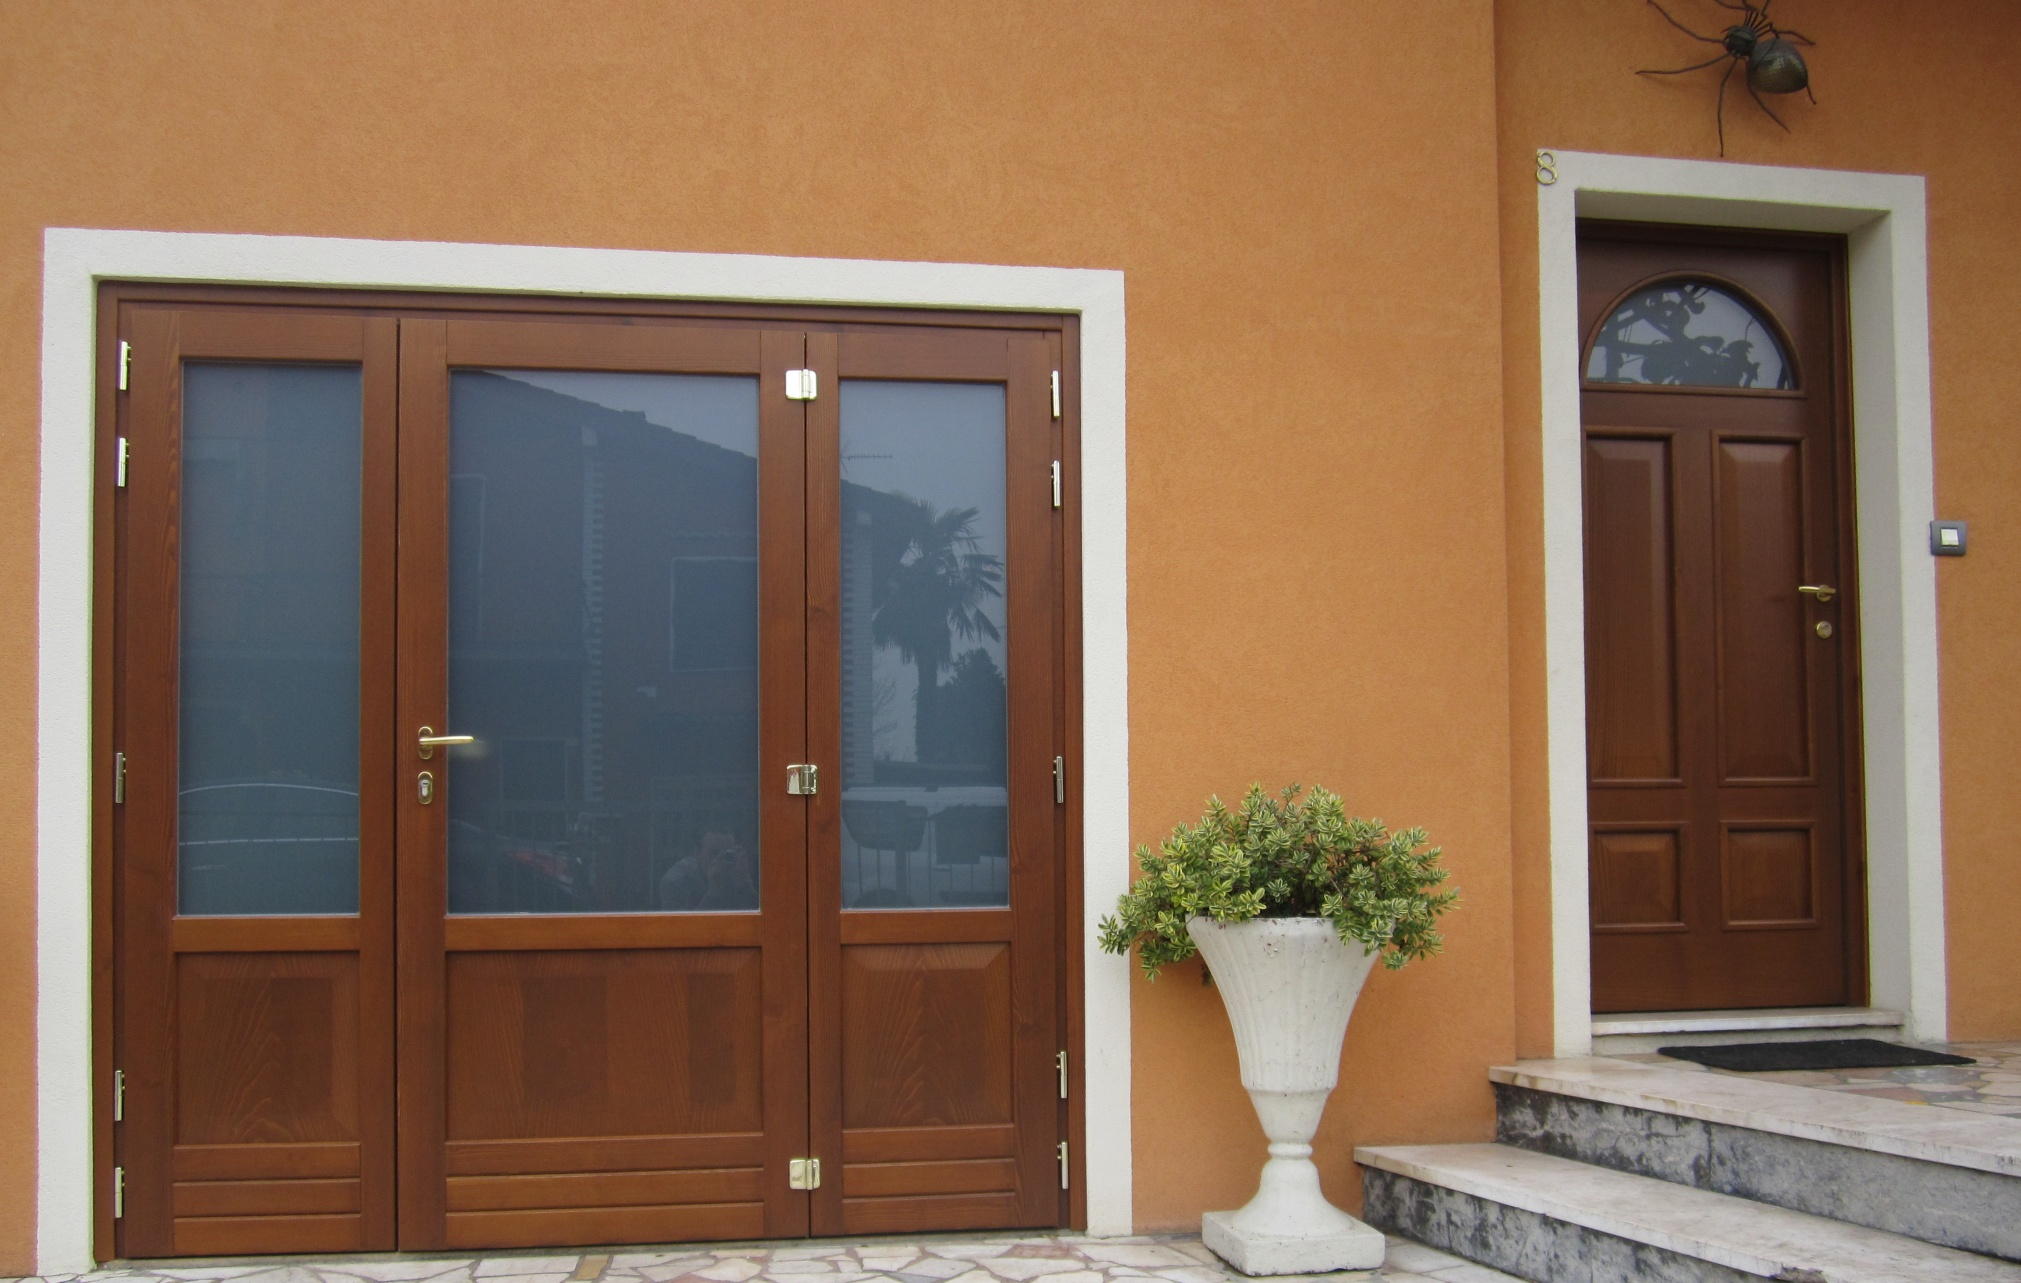 Come confrontare prezzi e preventivi per finestre porte e serramenti ecco alcuni consigli - Finestre e porte ...